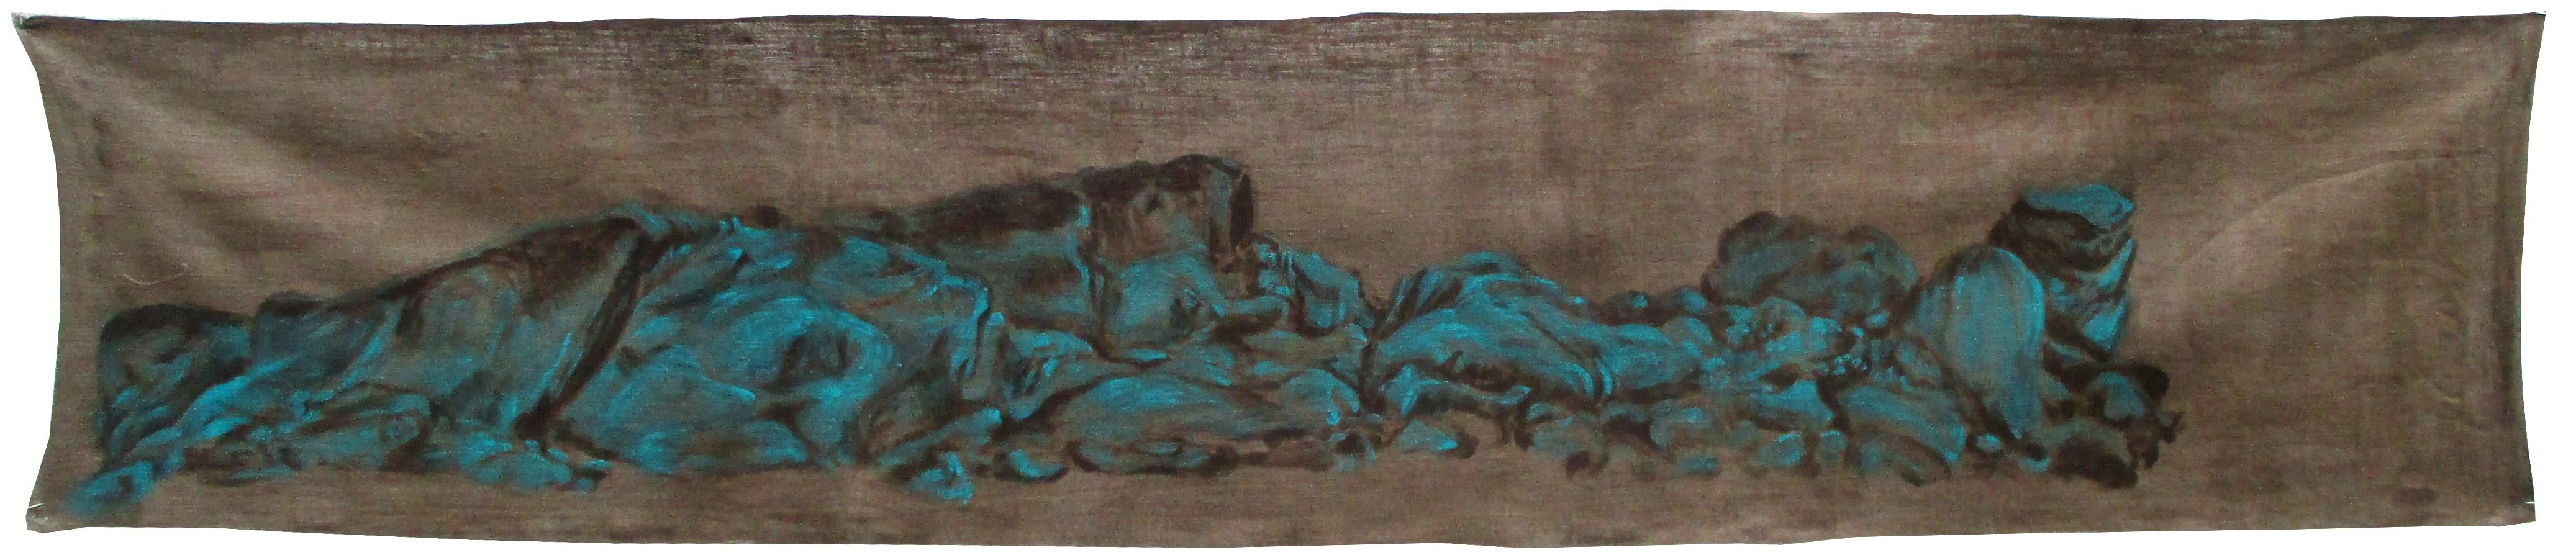 bret cyrille fugue de rochers peinture vinylique et. Black Bedroom Furniture Sets. Home Design Ideas